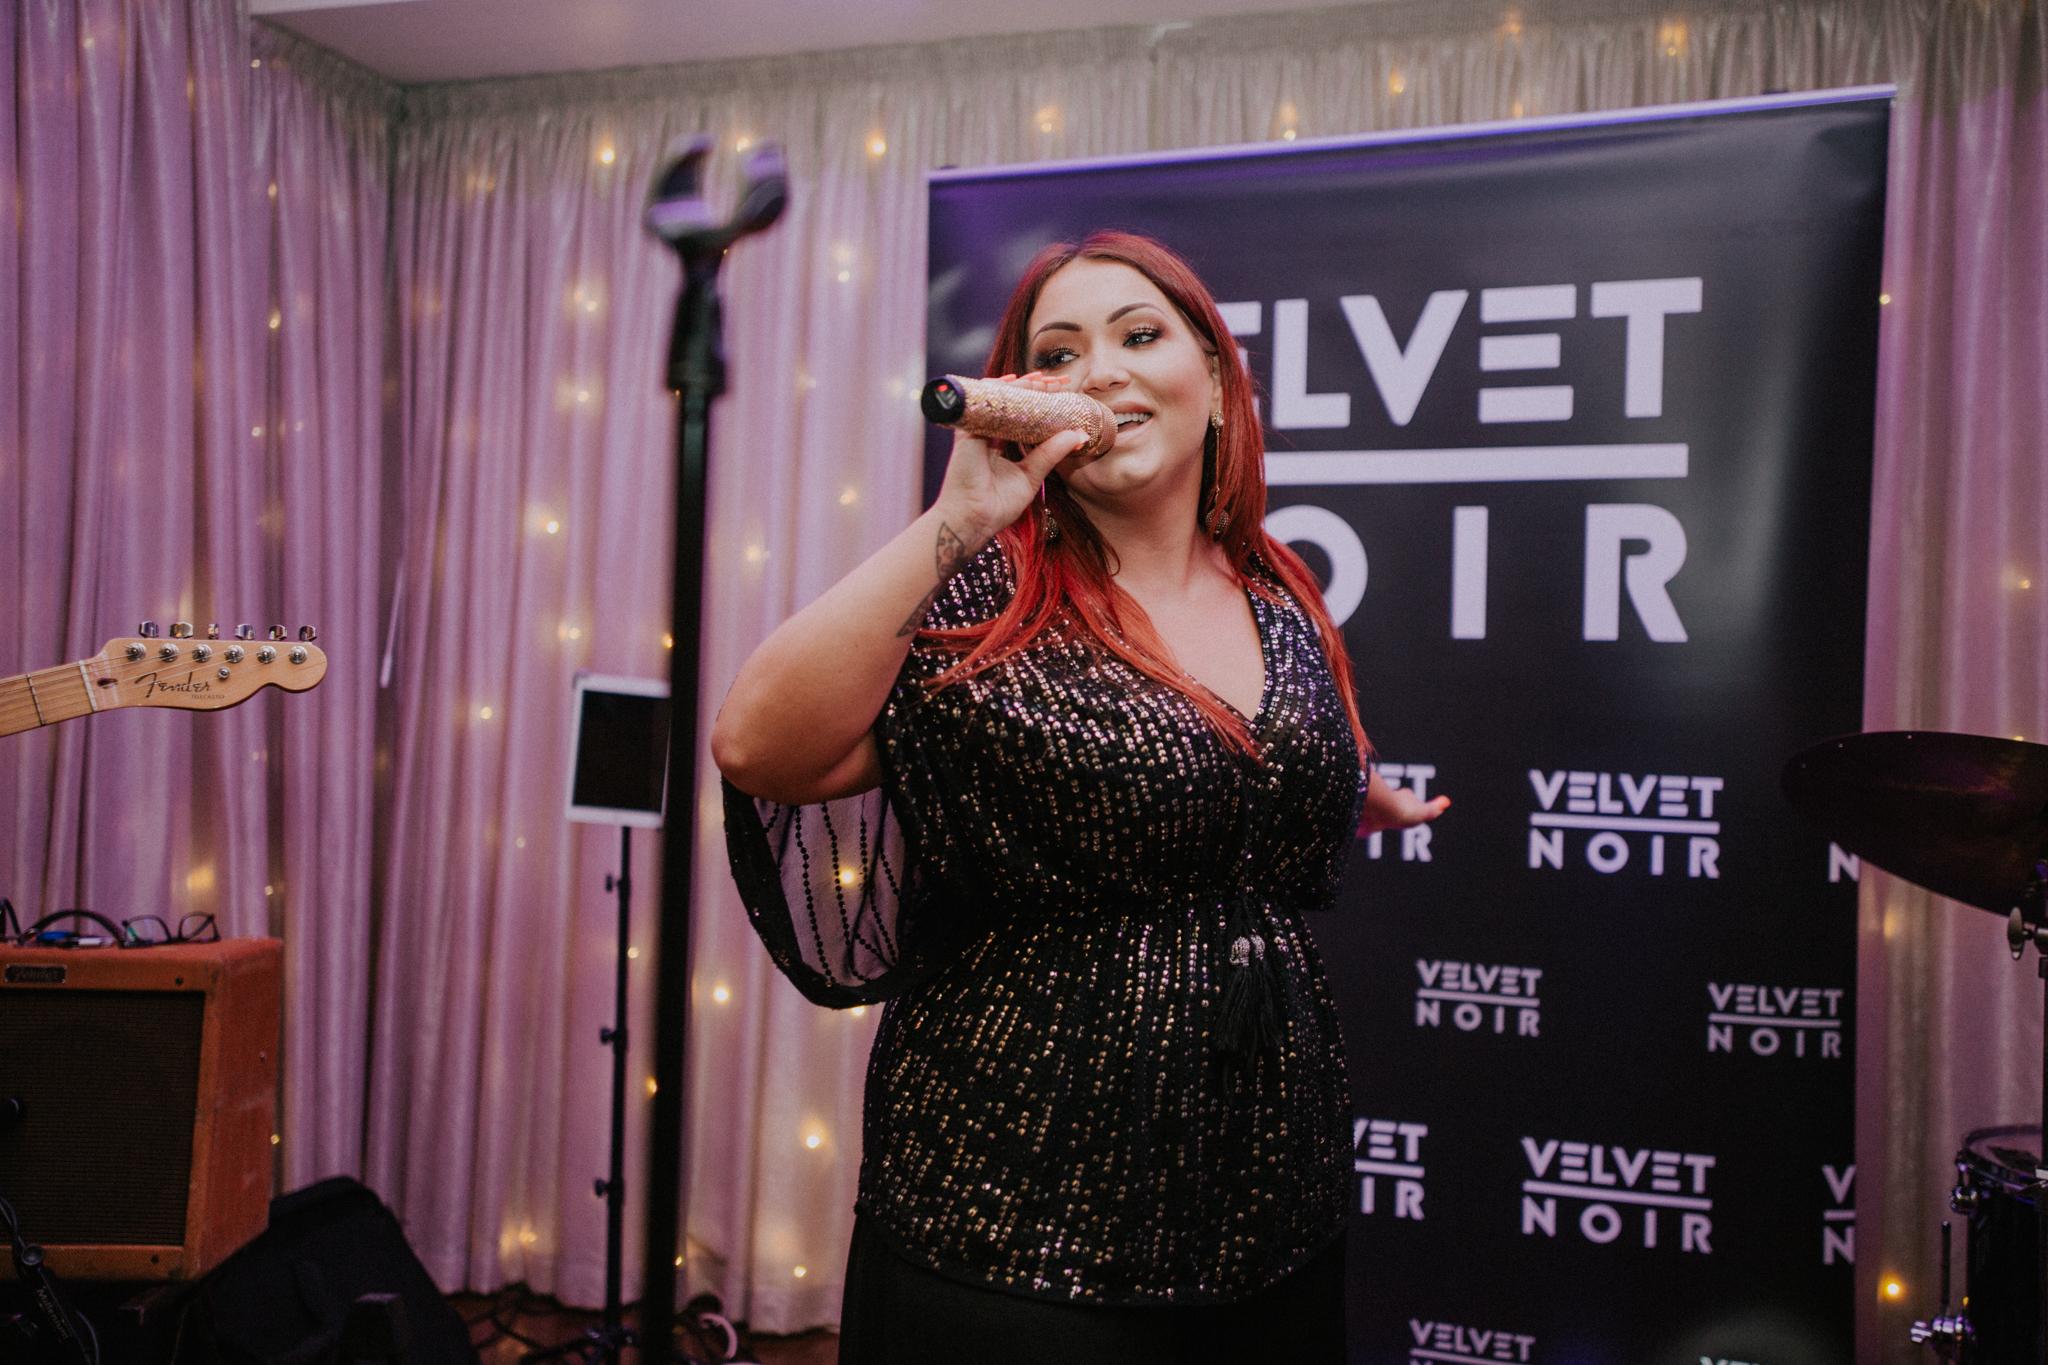 The lead singer of the band Velvet Noir